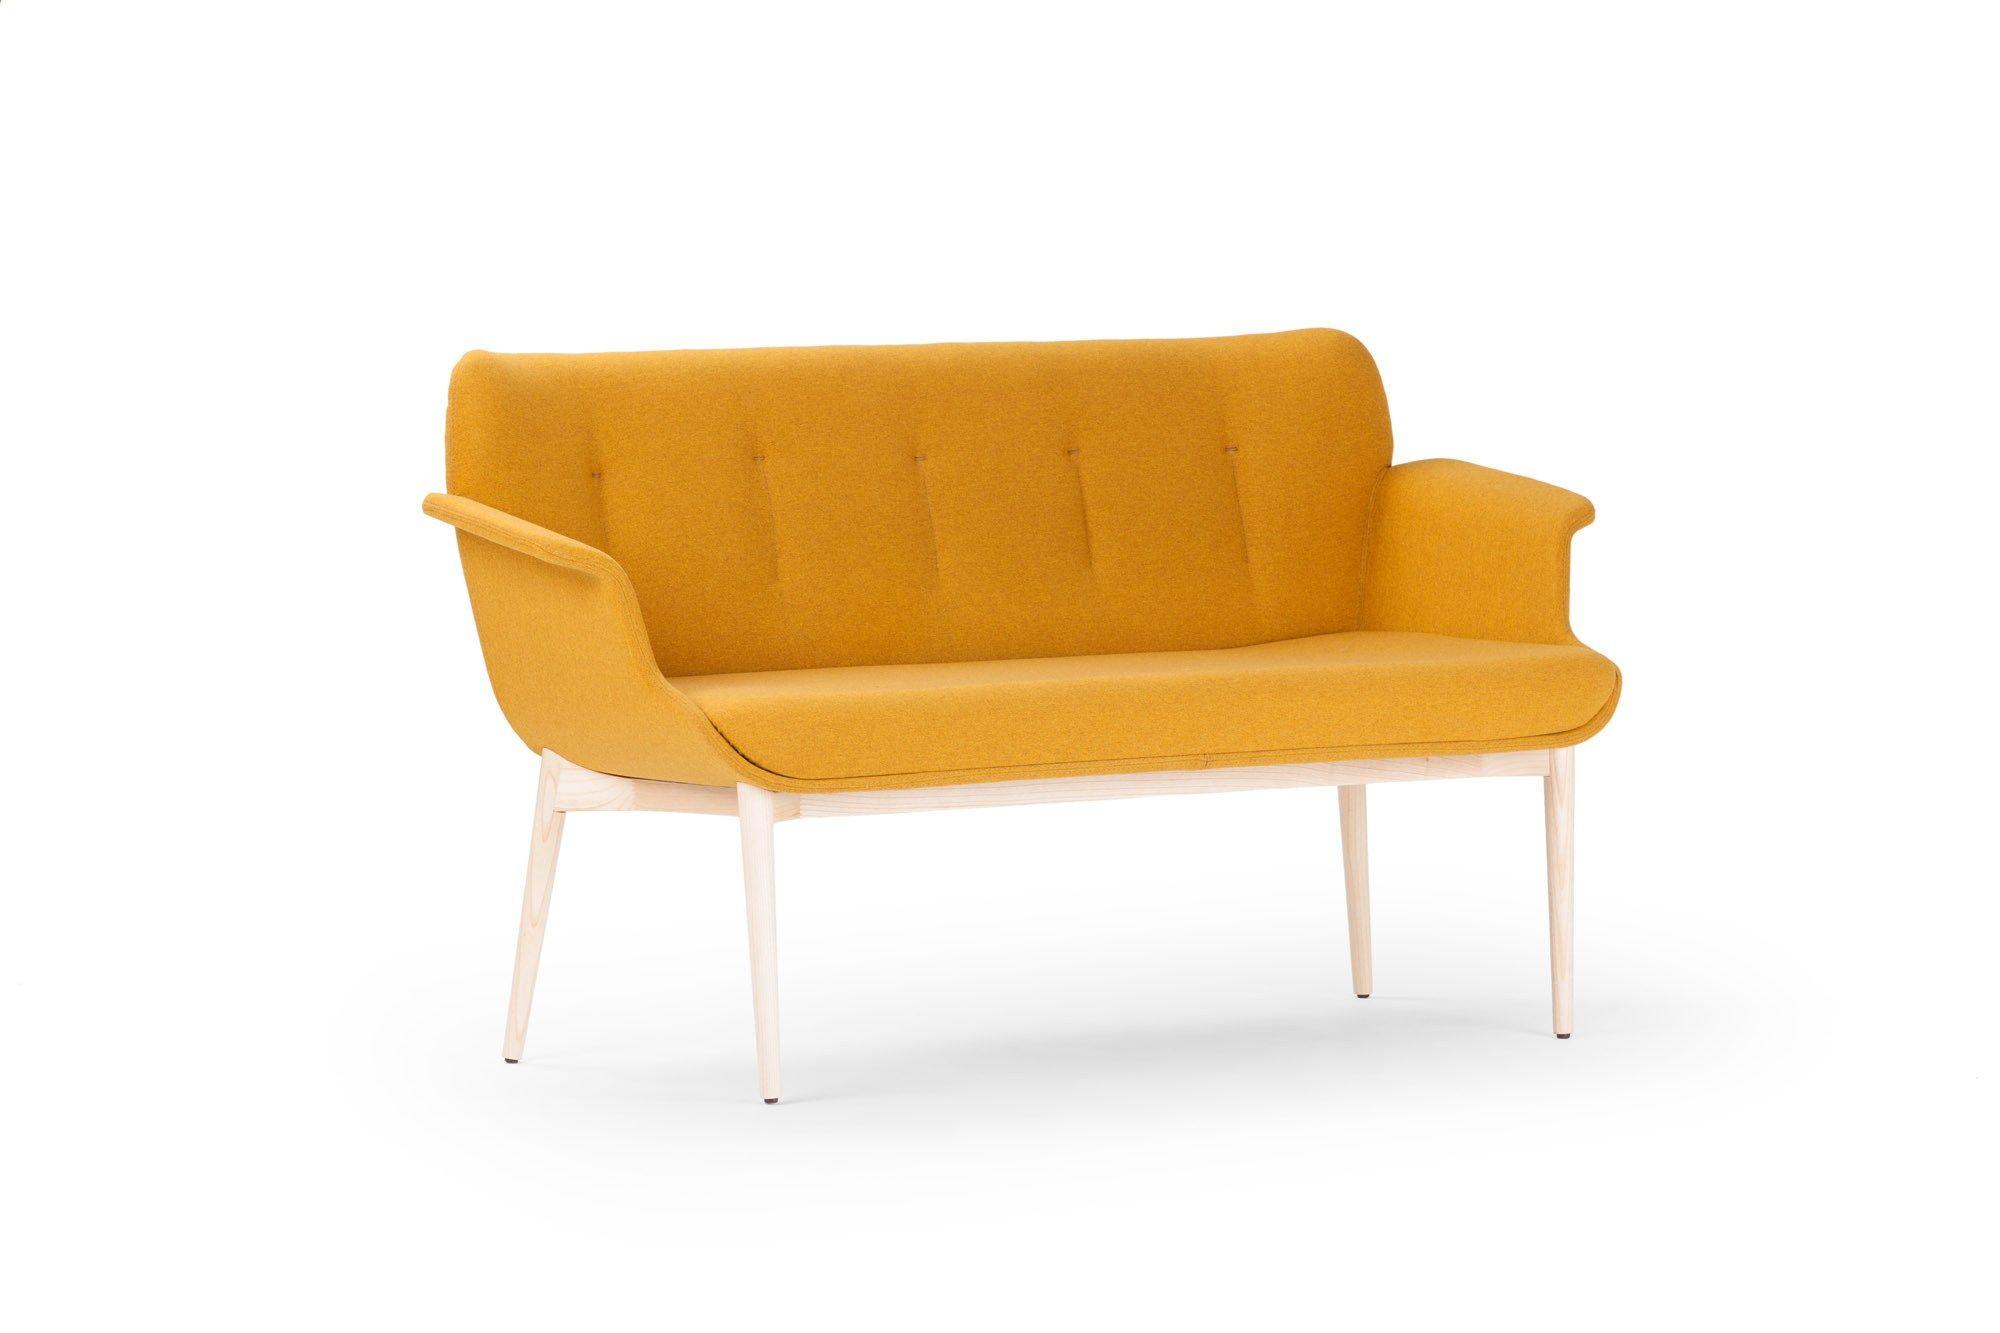 HIVE | Divanetto By True Design design Favaretto&Partners